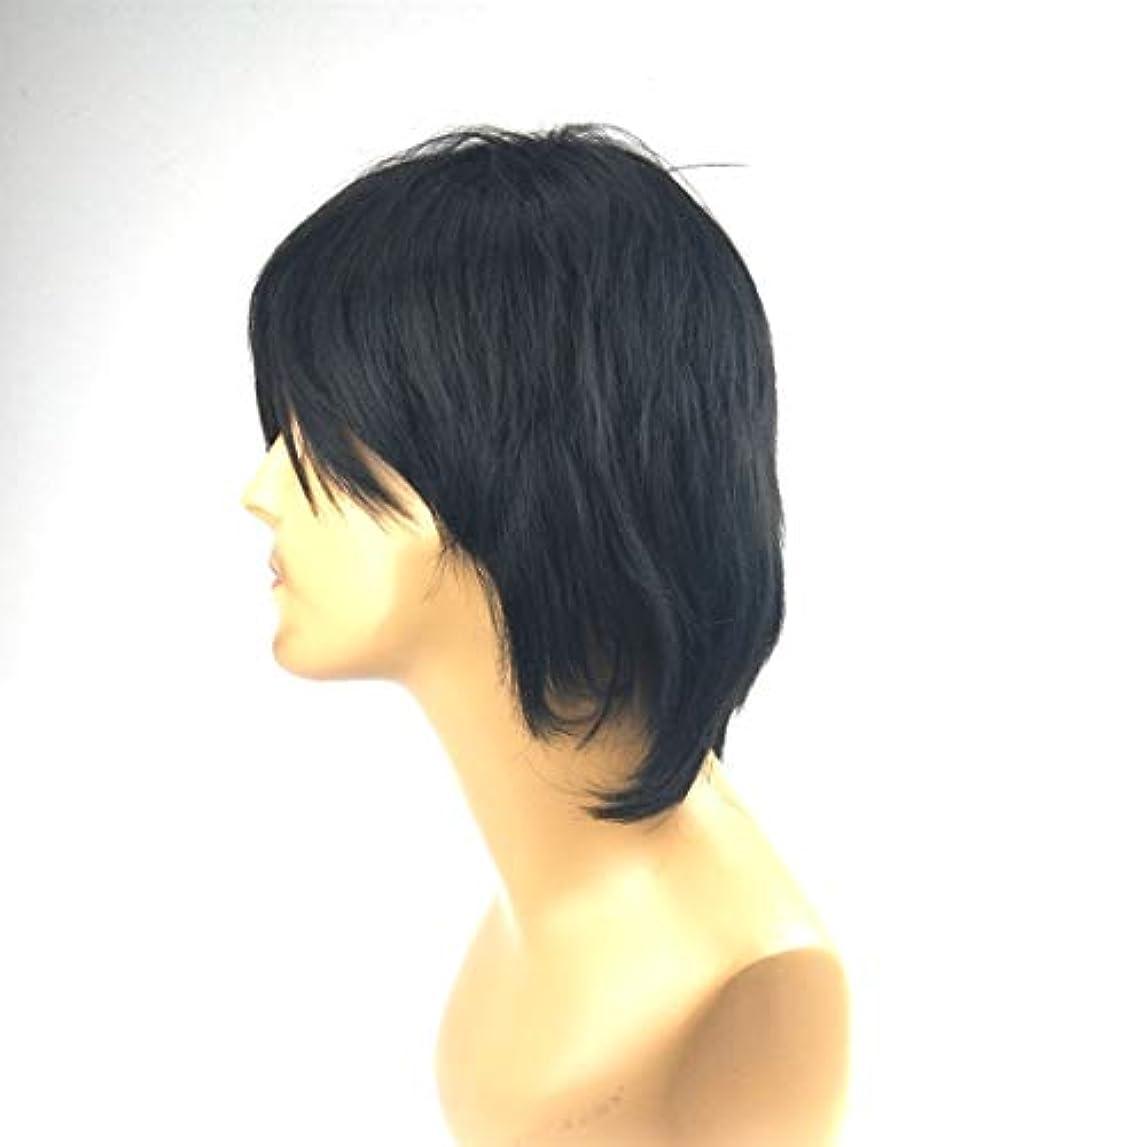 桁脅迫不透明なSummerys 斜め前髪付きメンズショートストレートヘアシルクケミカルファイバーウィッグ